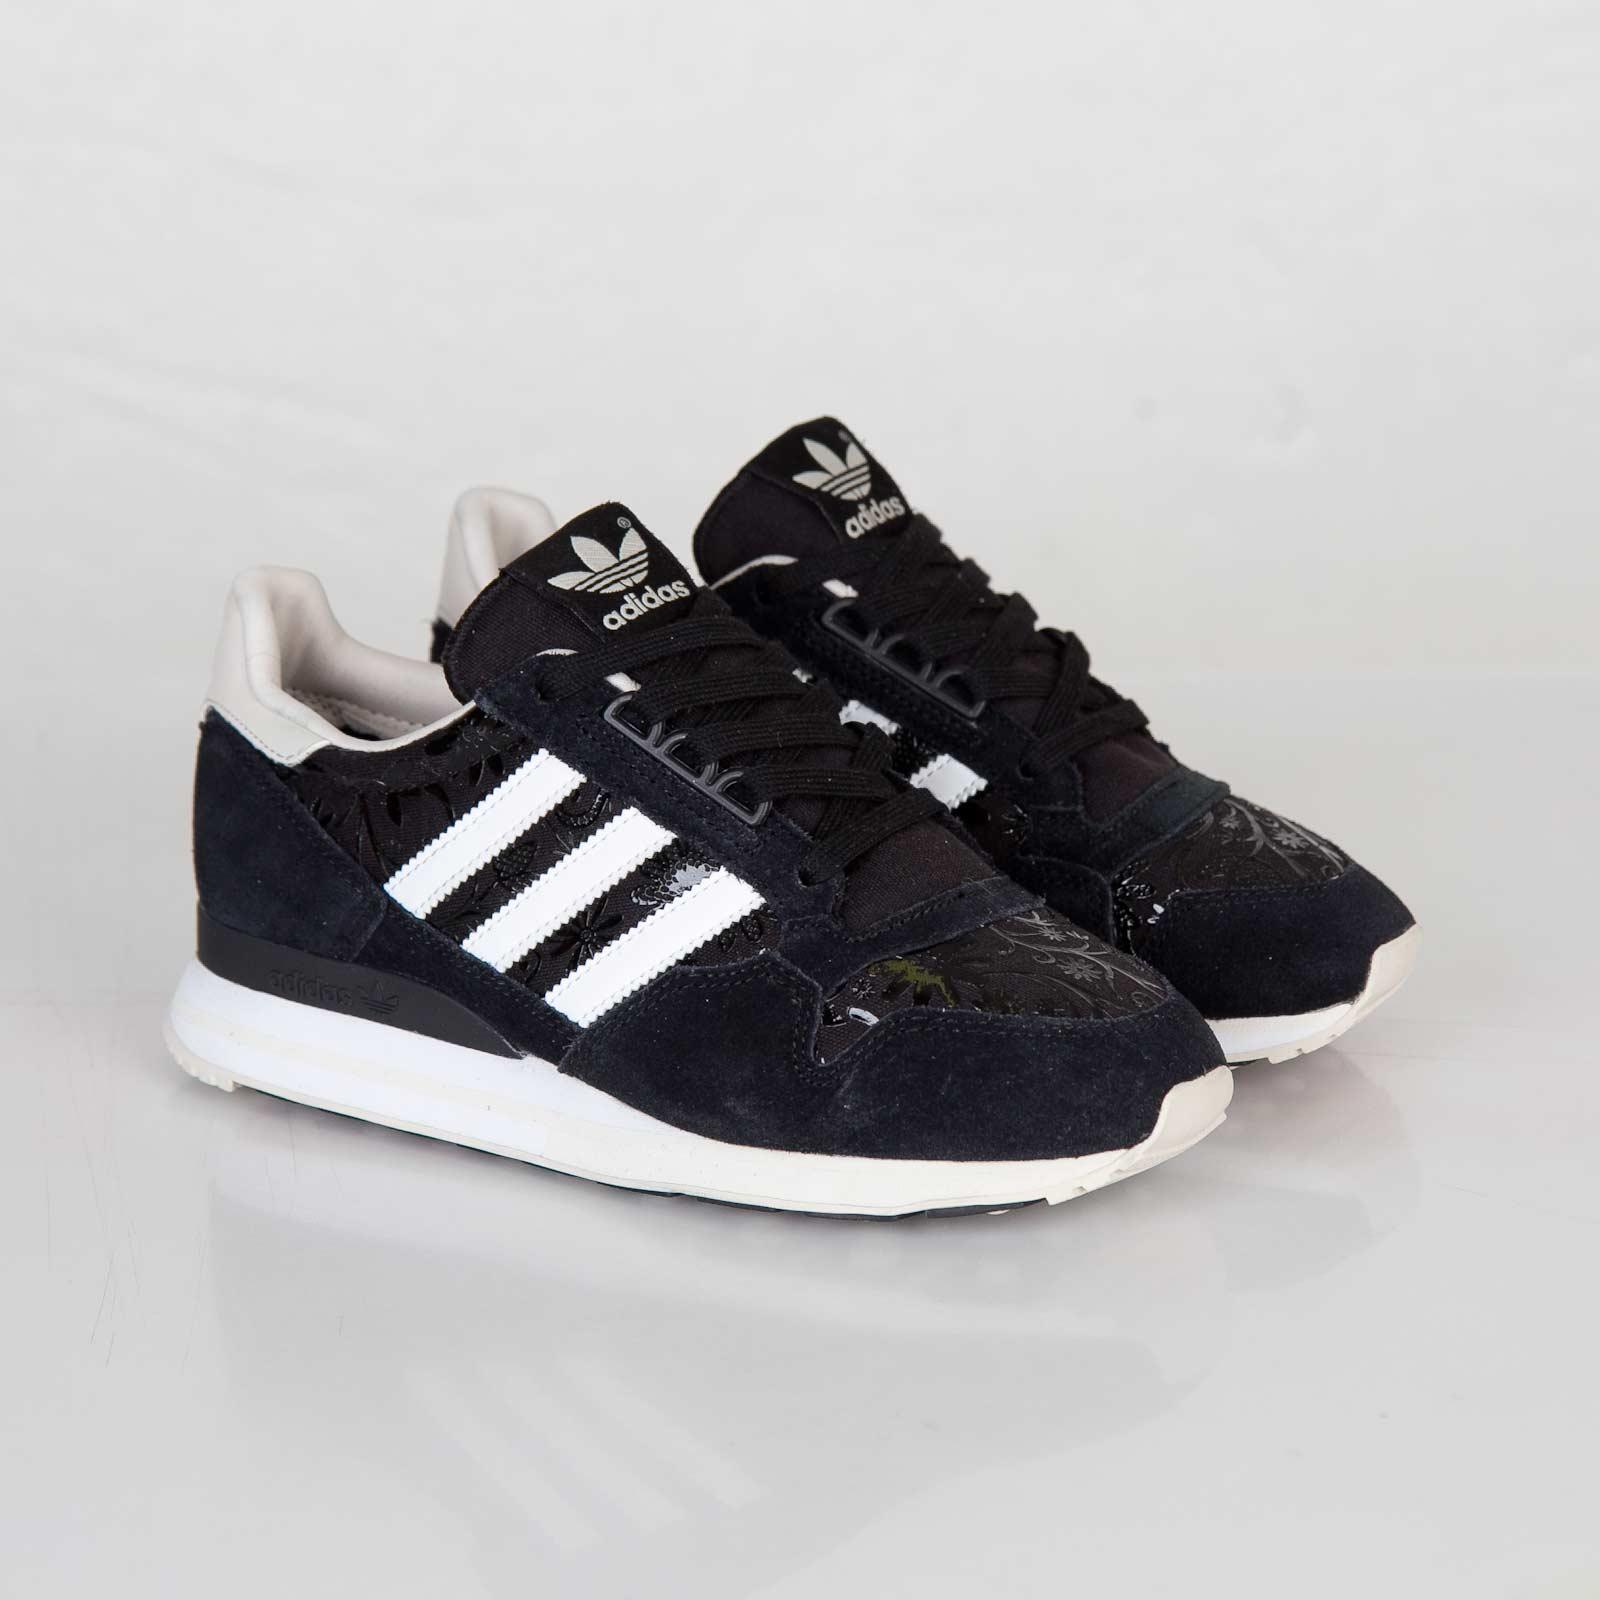 4abd32b99 adidas ZX 500 OG W - D65397 - Sneakersnstuff